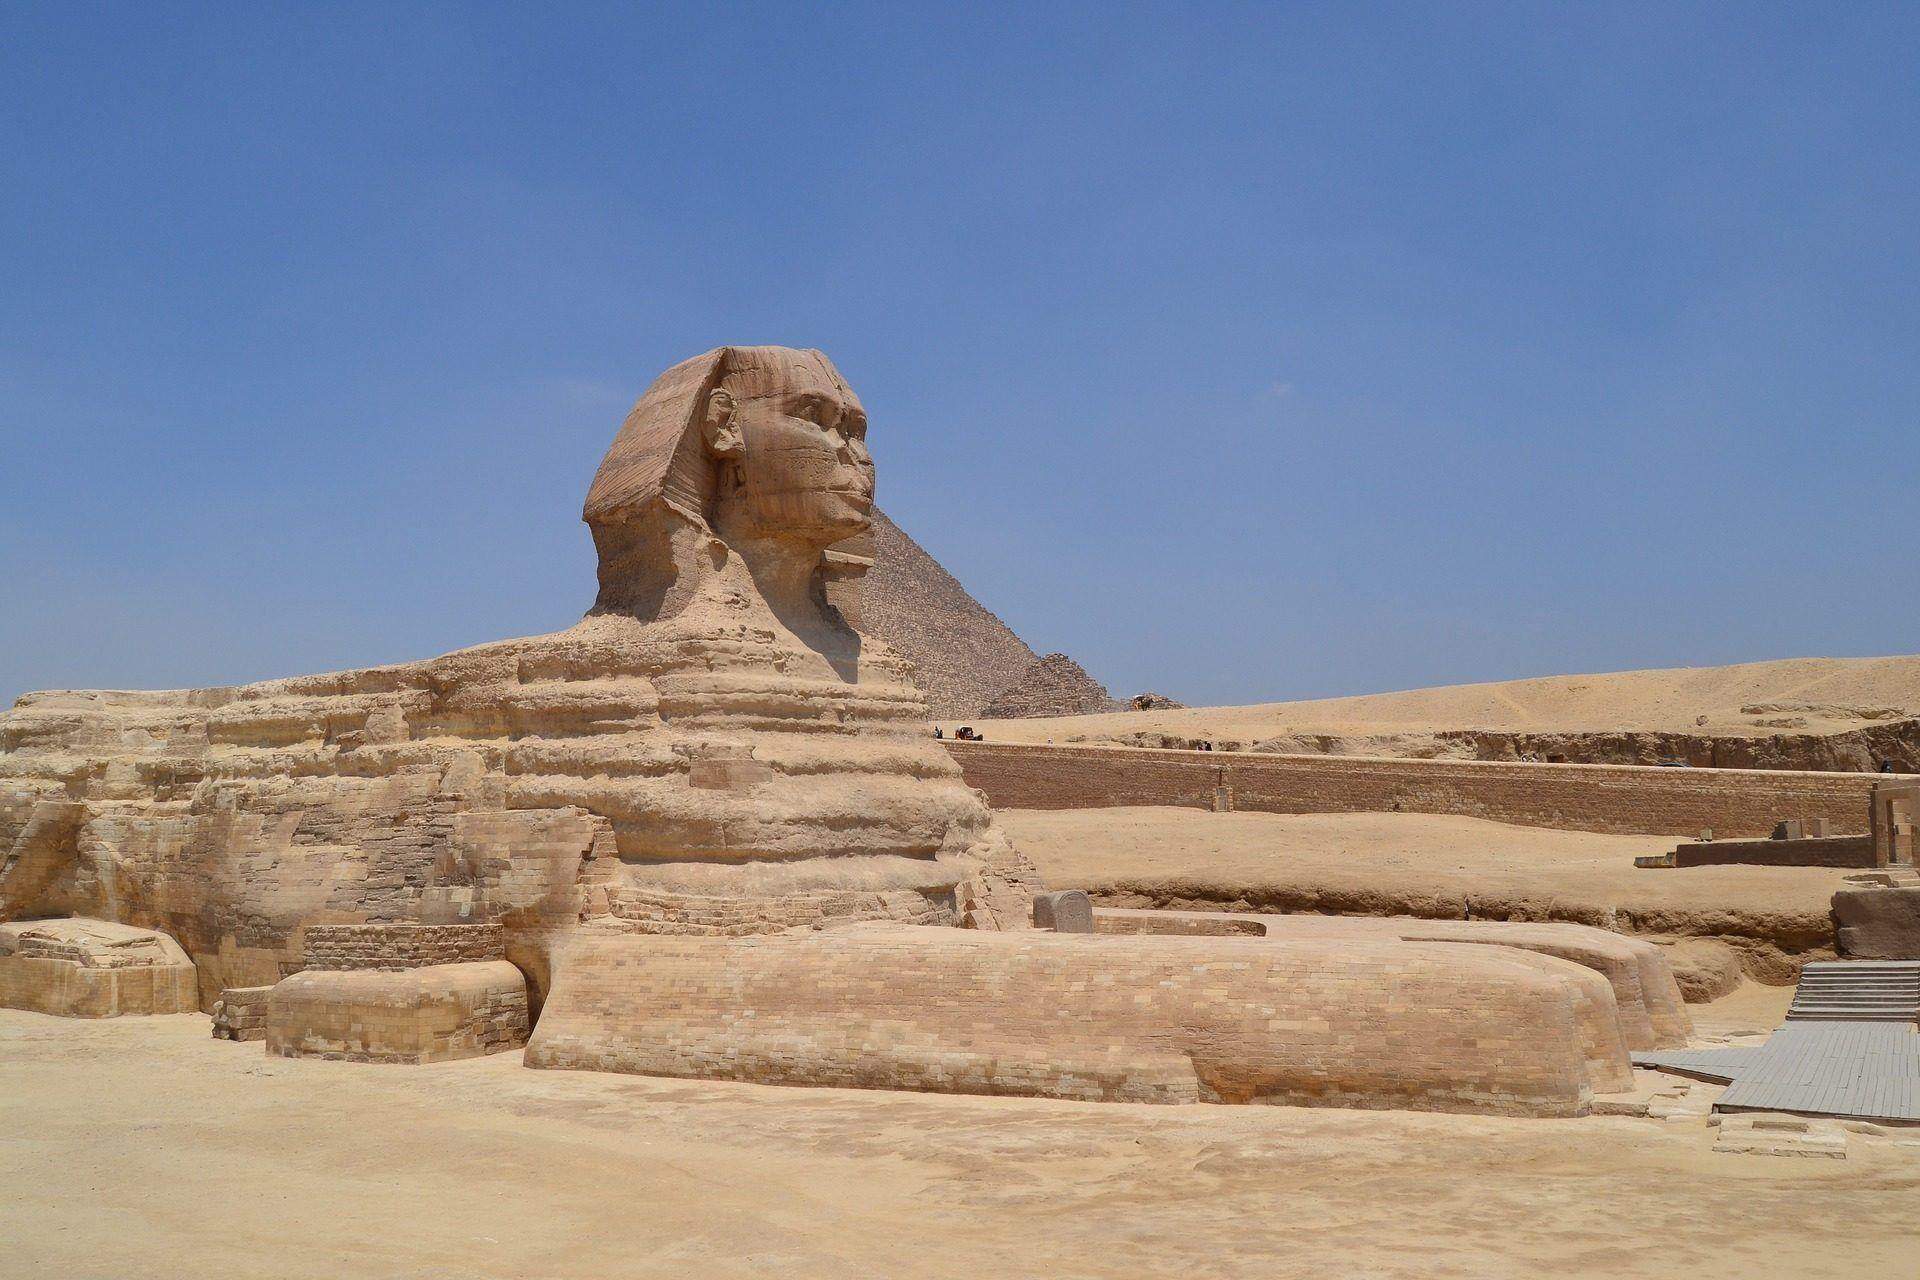 esfinge, estatua, monumento, arquitectura, desierto, el cairo, egipto, 1706181148